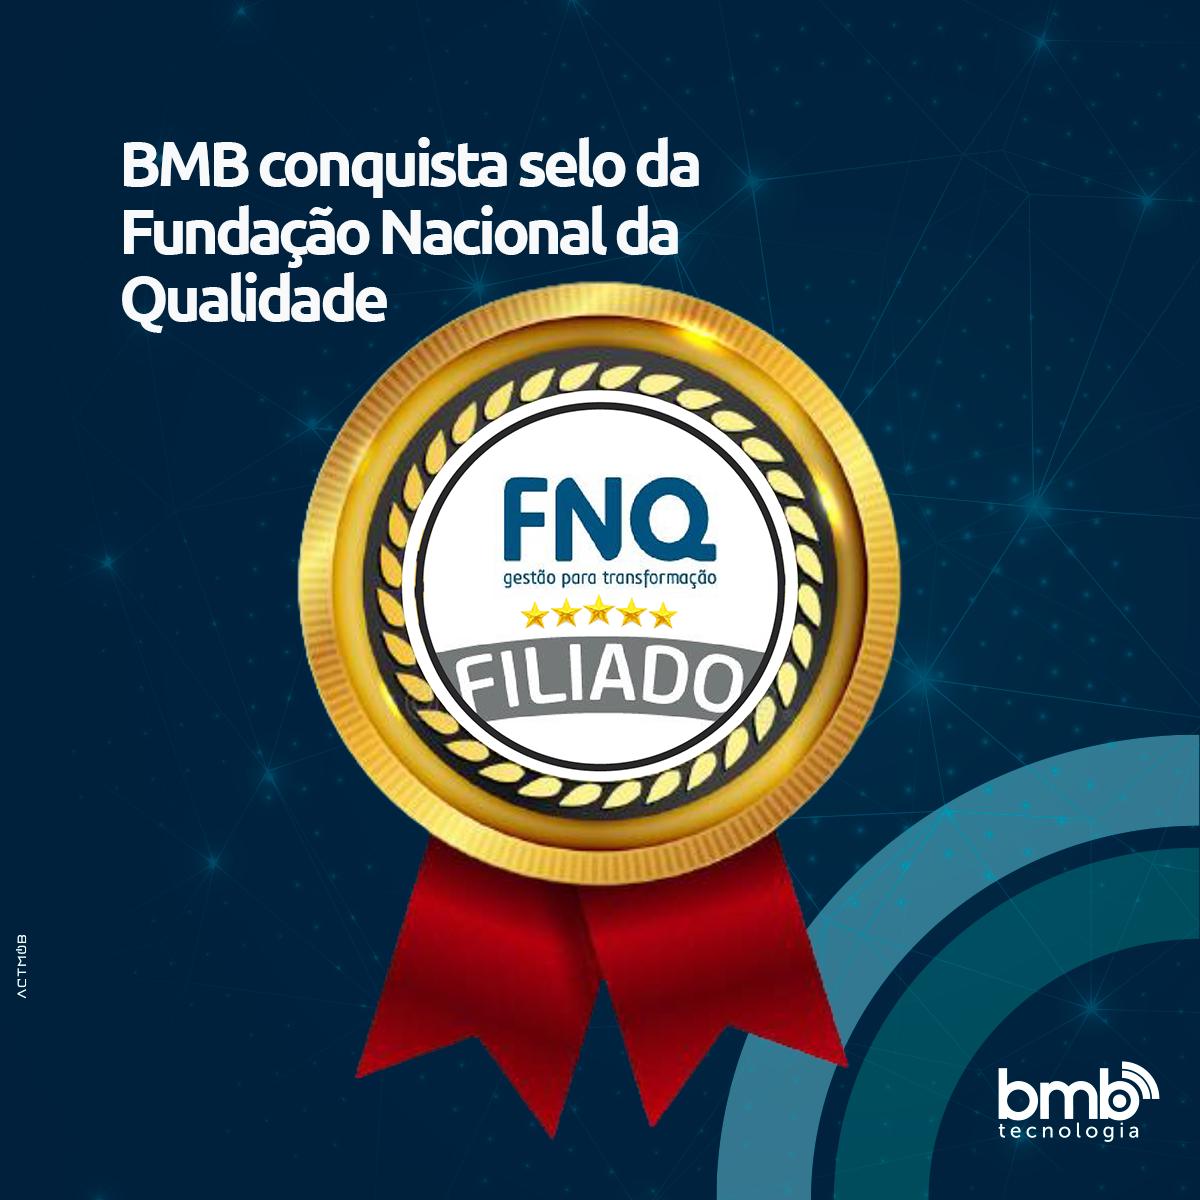 Firmamos nossa parceria com a Fundação Nacional de Qualidade